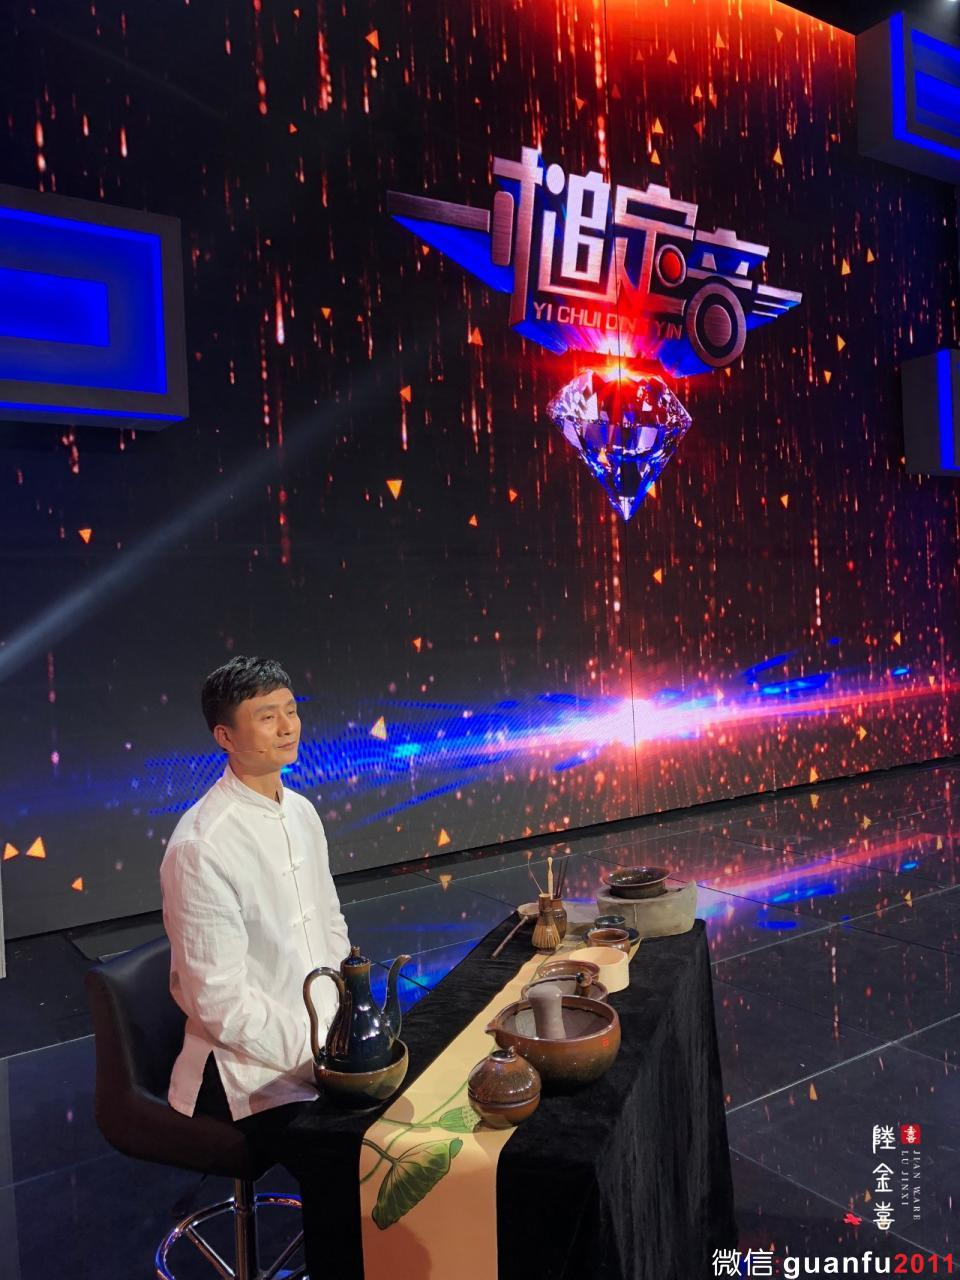 陆金喜再次登上央视《一槌定音》,闽北文化惊艳全国